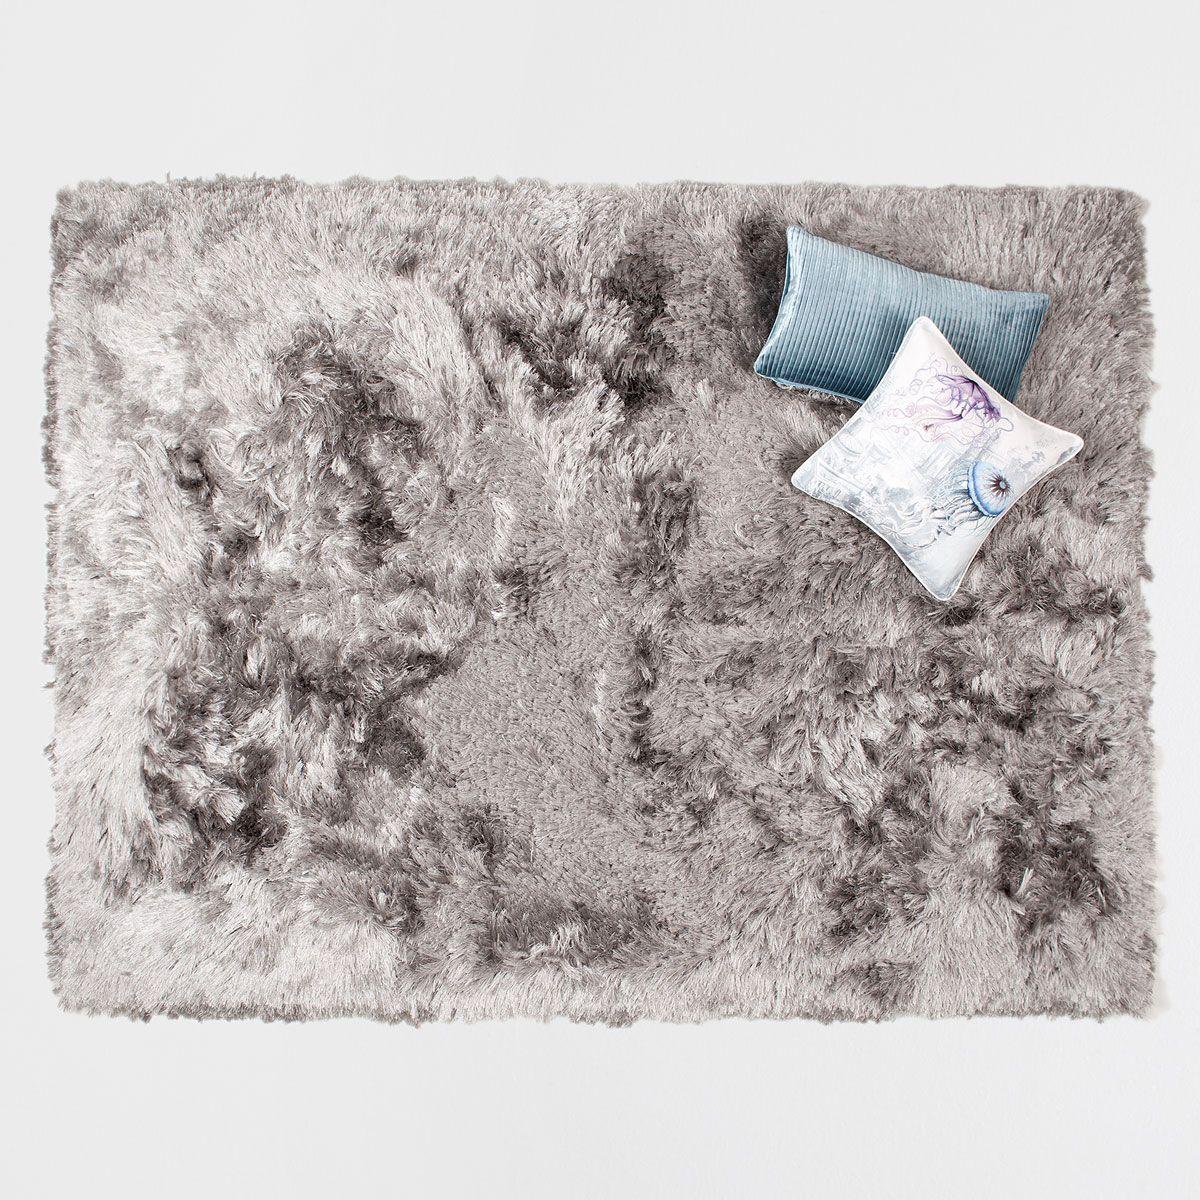 Bild 1 Des Produktes Teppich Aus Langem Kunstfell Mit